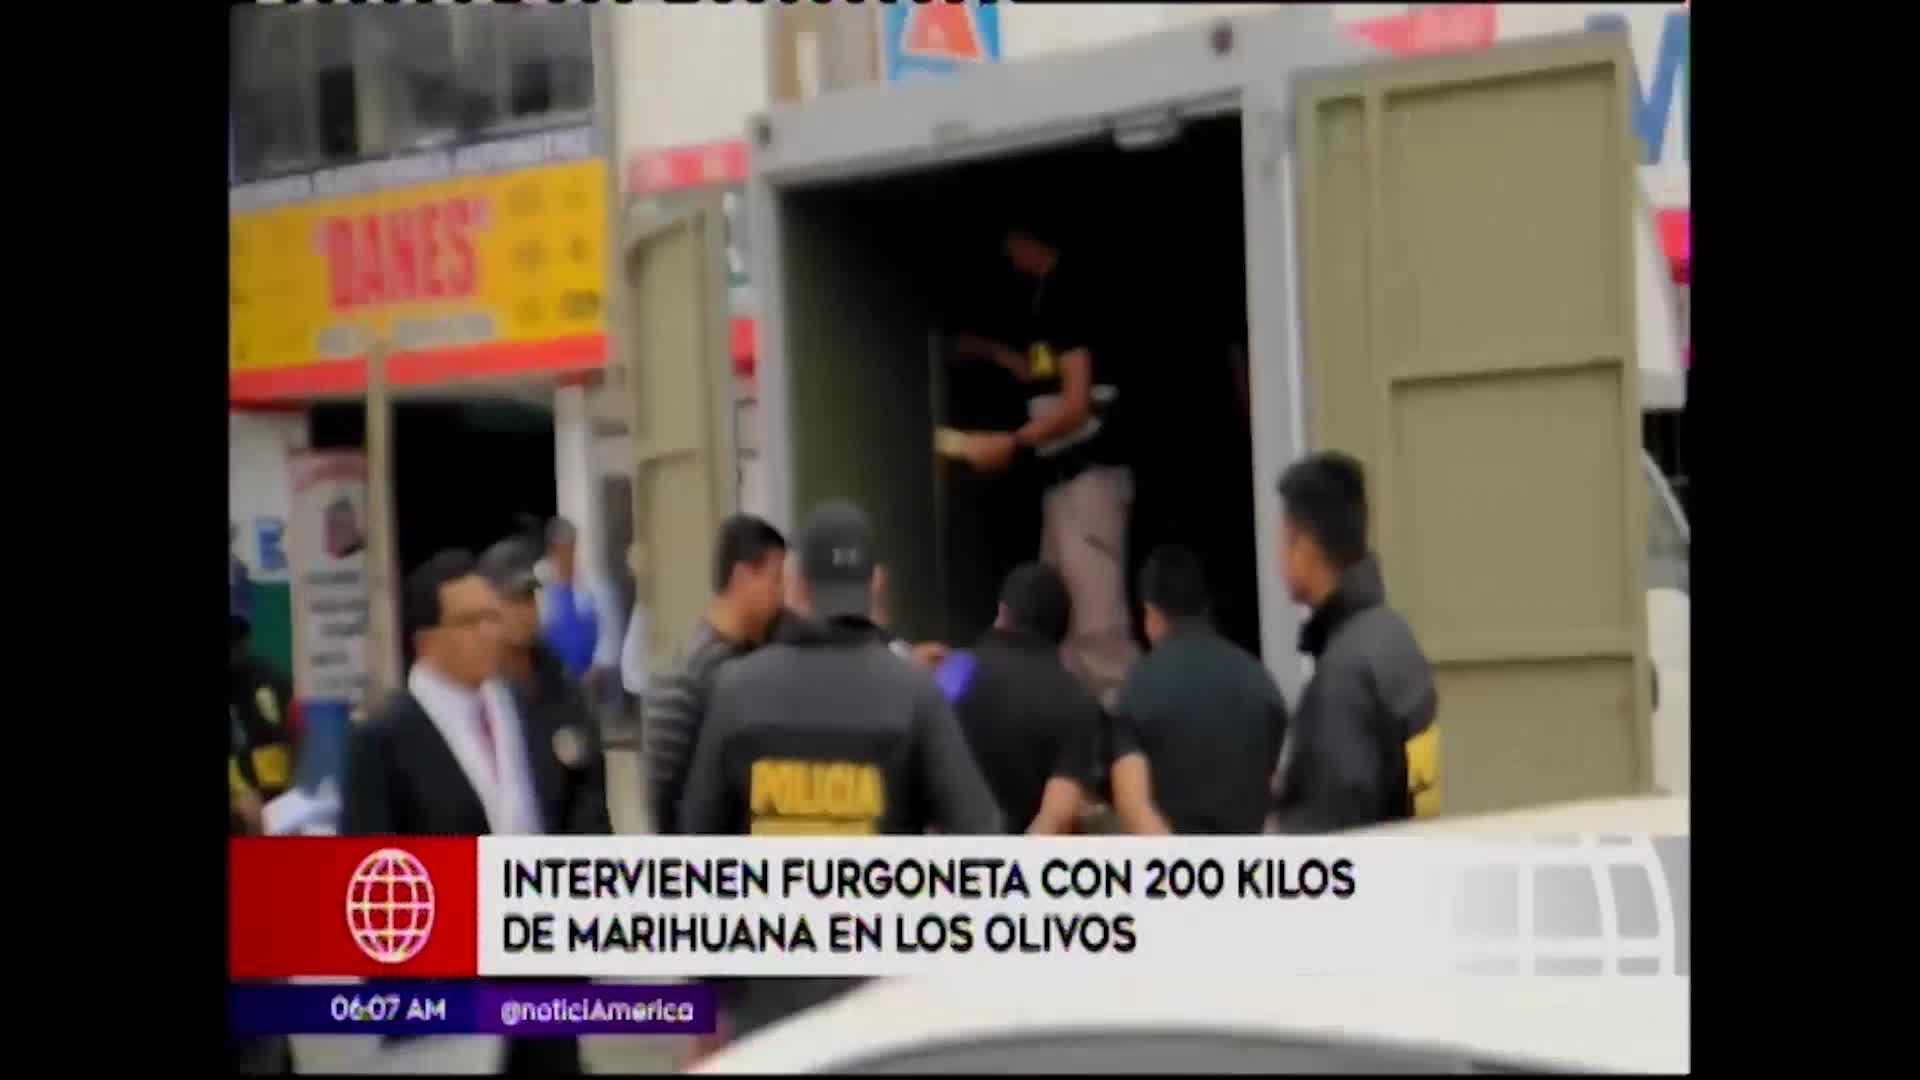 Los Olivos: Policía incauta 200 kg de droga transportada en una furgoneta